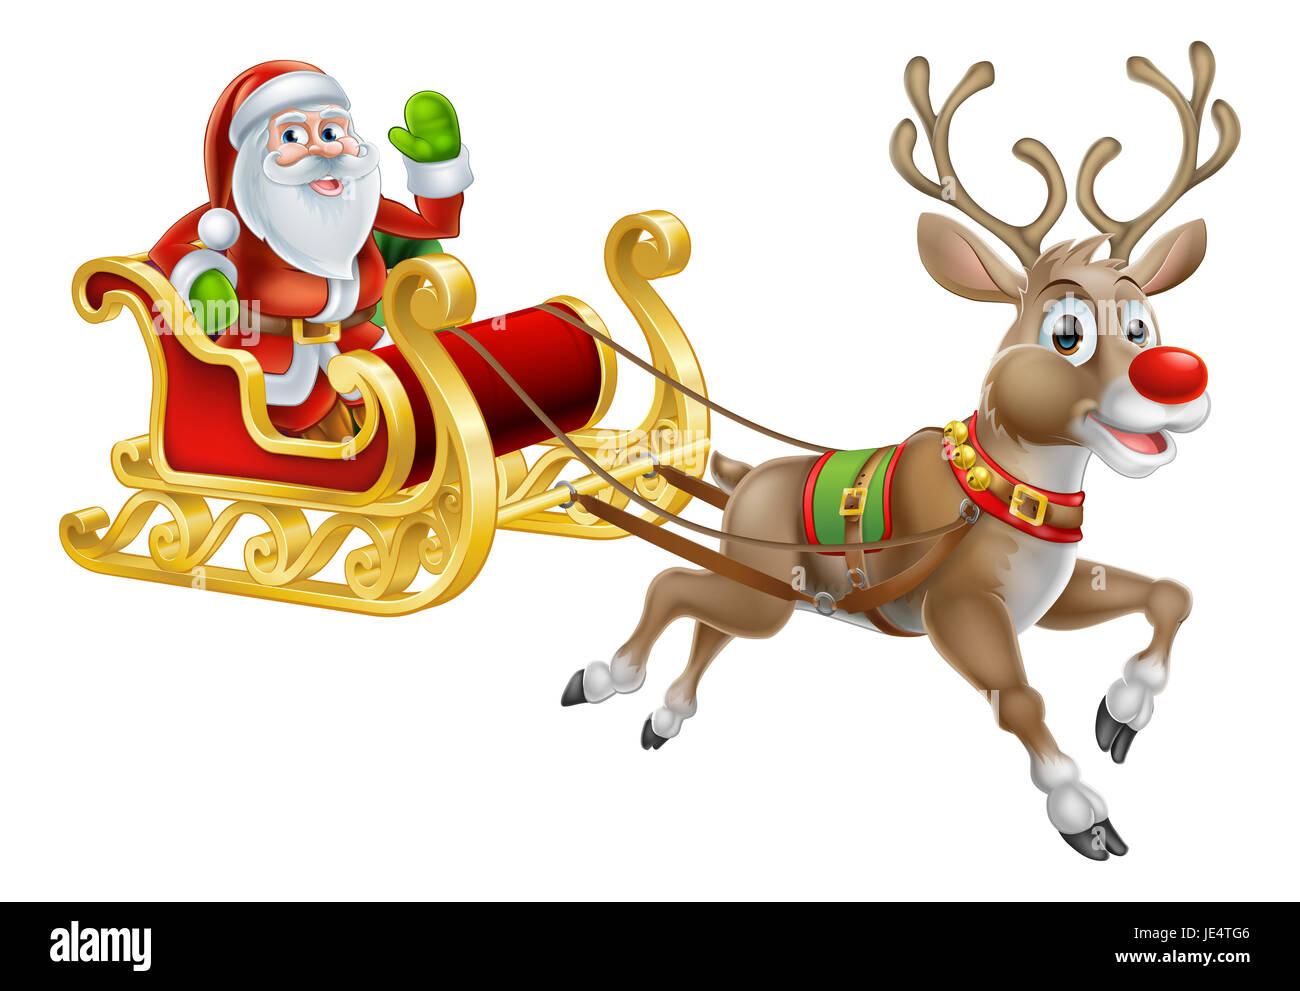 Image Du Pere Noel Sur Son Traineau.Une Illustration Du Pere Noel Equitation Dans Son Traineau